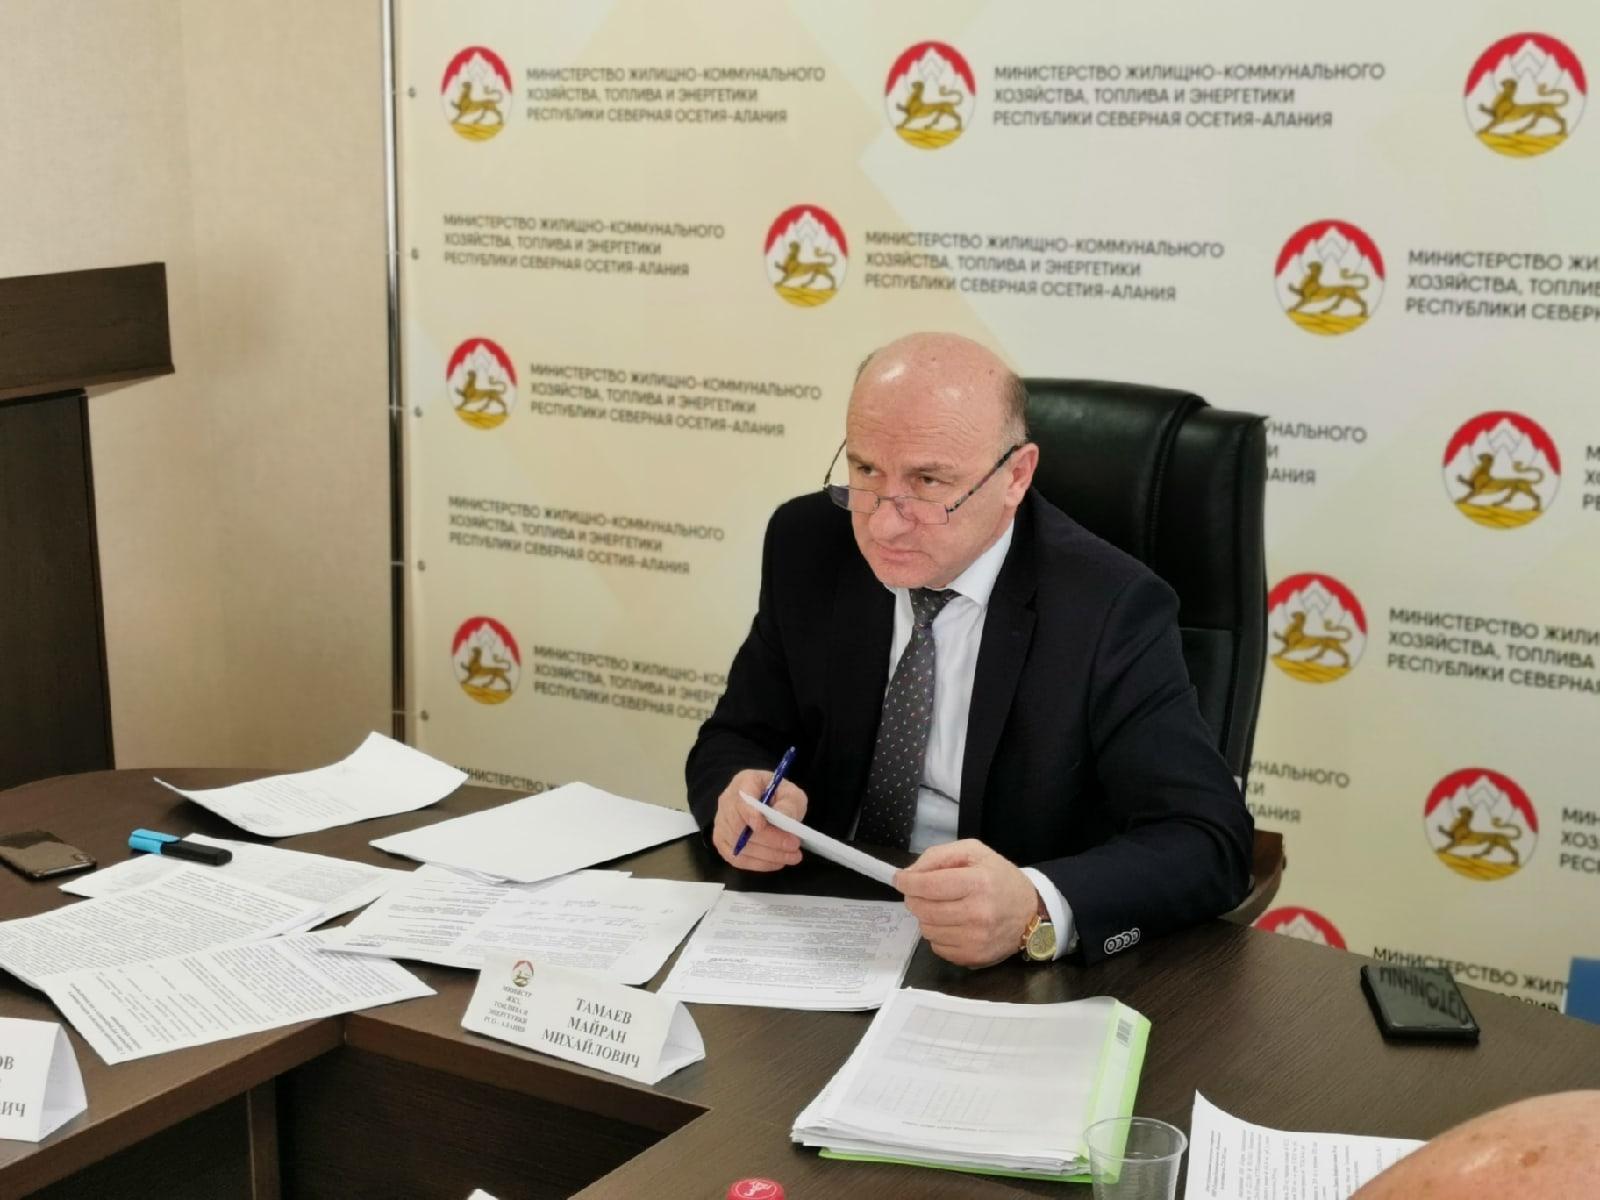 Майран Тамаев: Вентиляционные и дымовые каналы многоквартирных домов должны обследоваться не менее трех раз в год